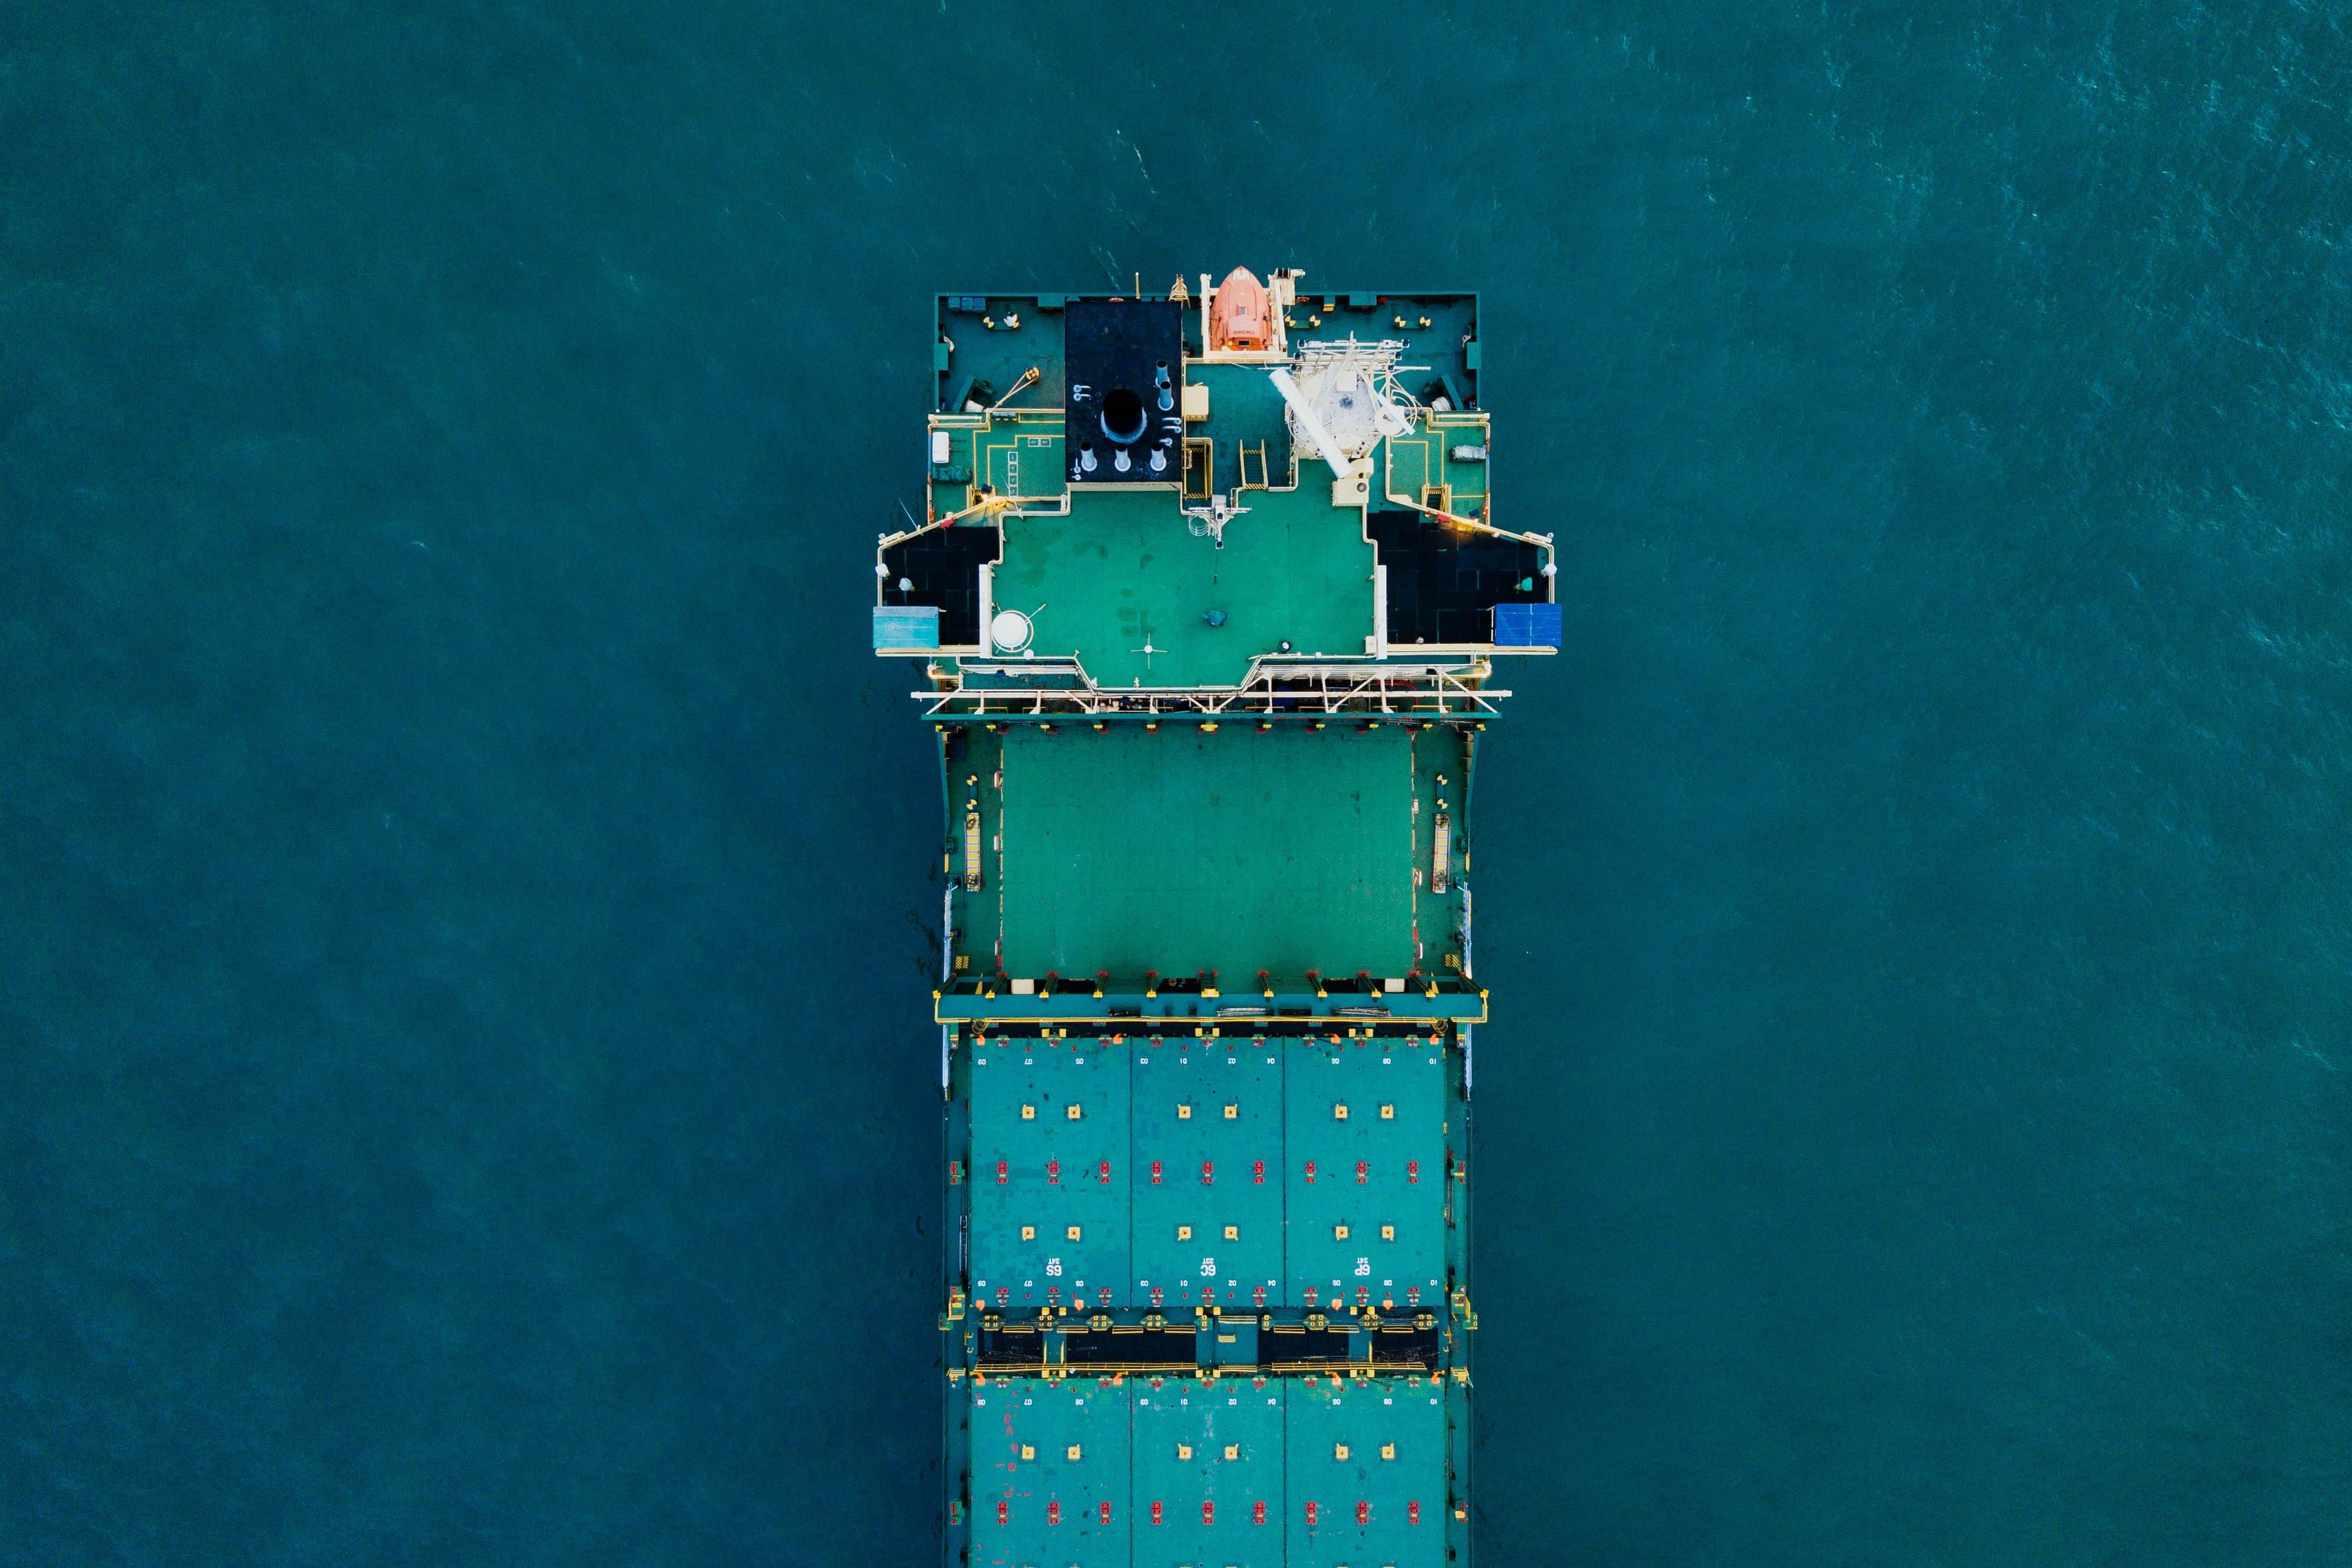 green ship at sea